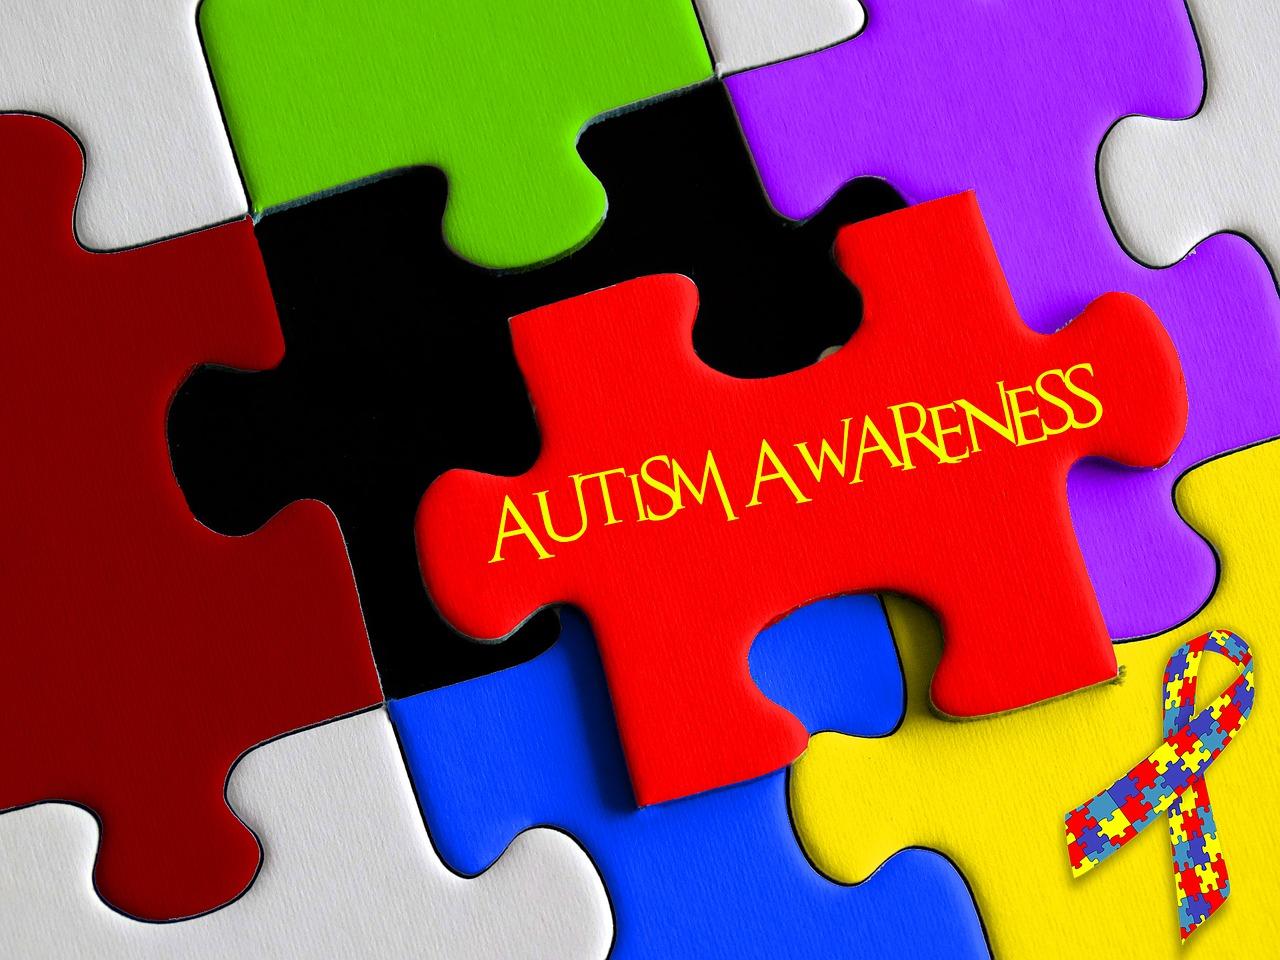 【興味深い研究】「自閉症の現れ方は男女で異なる。隠している人ほど精神的な問題が」